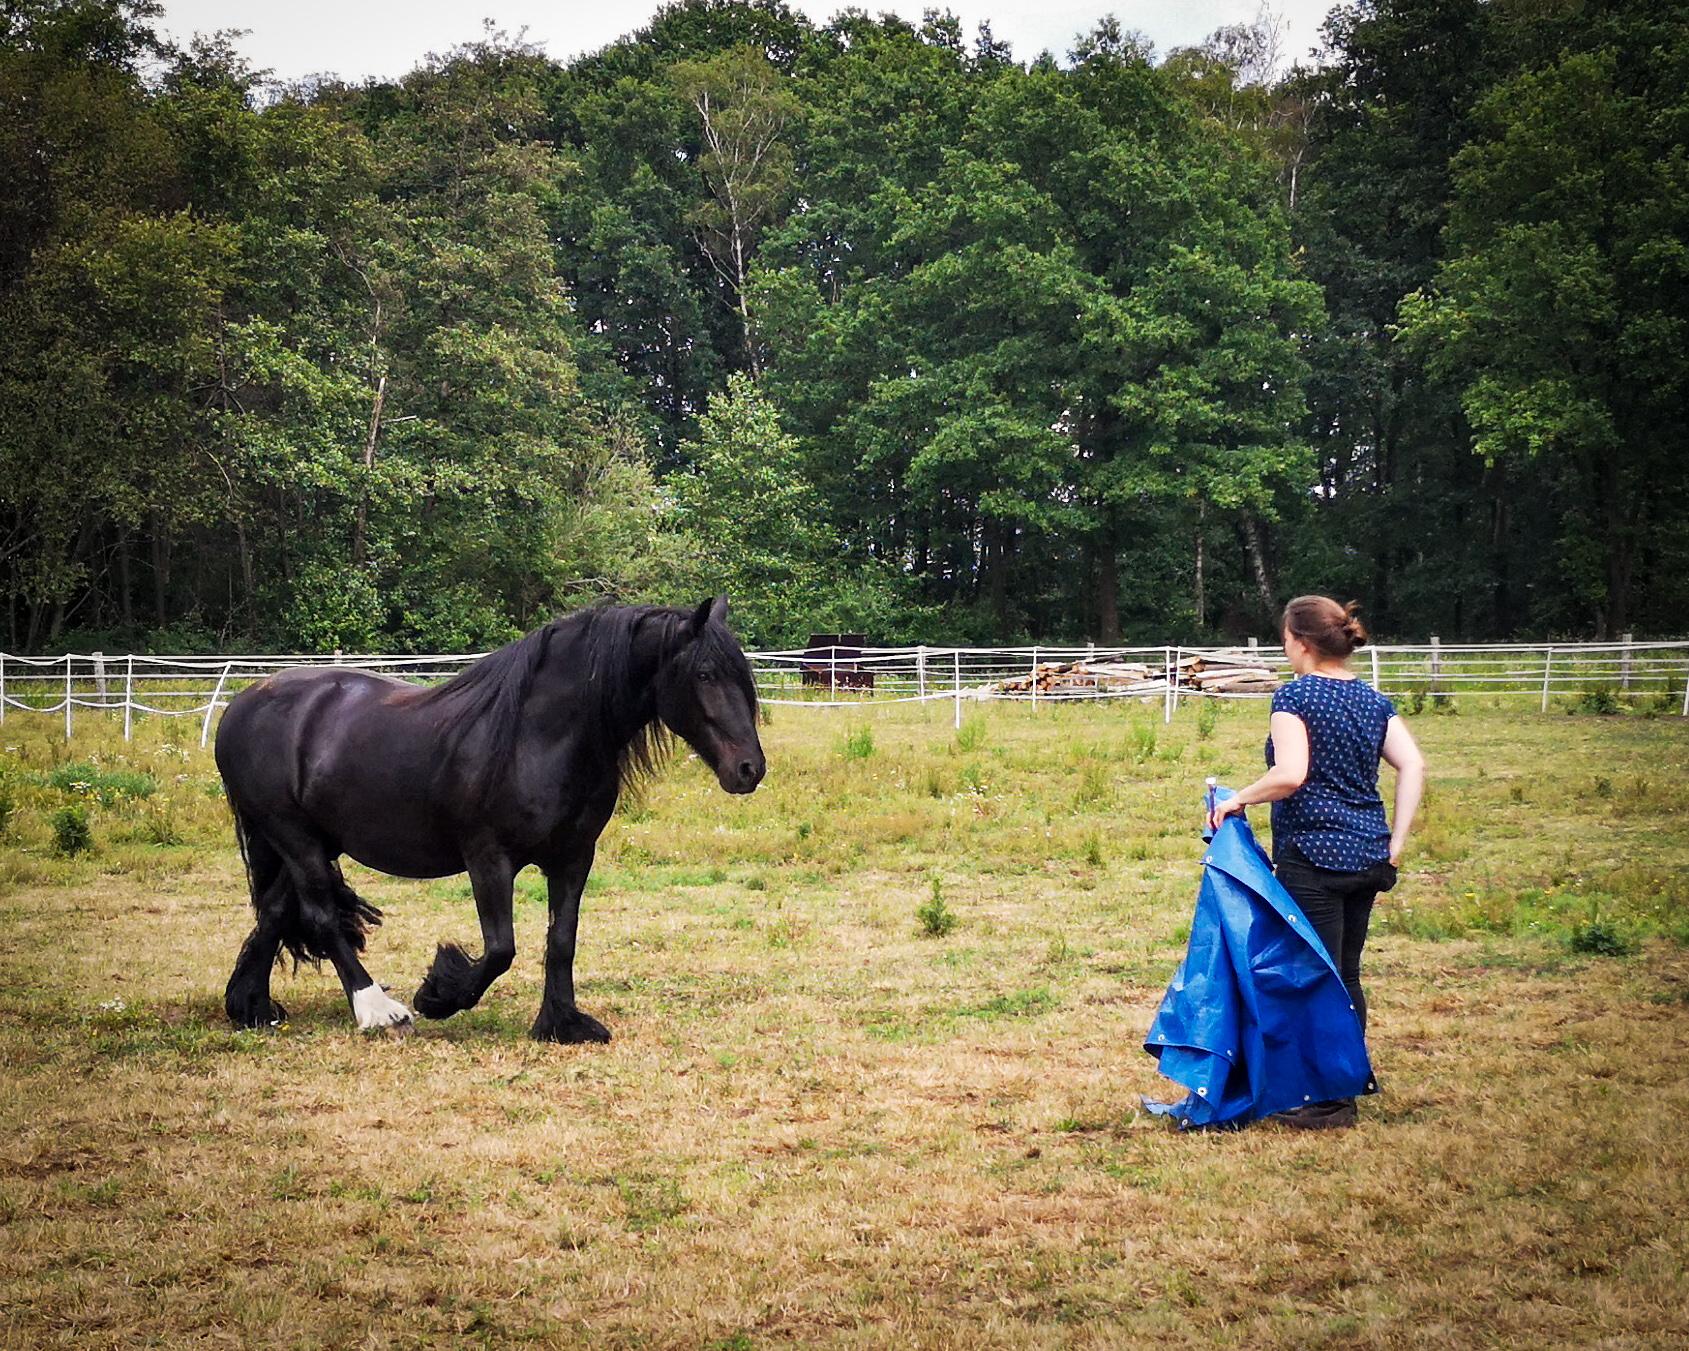 Über den konventionellen und den friedvollen Weg mit Pferden